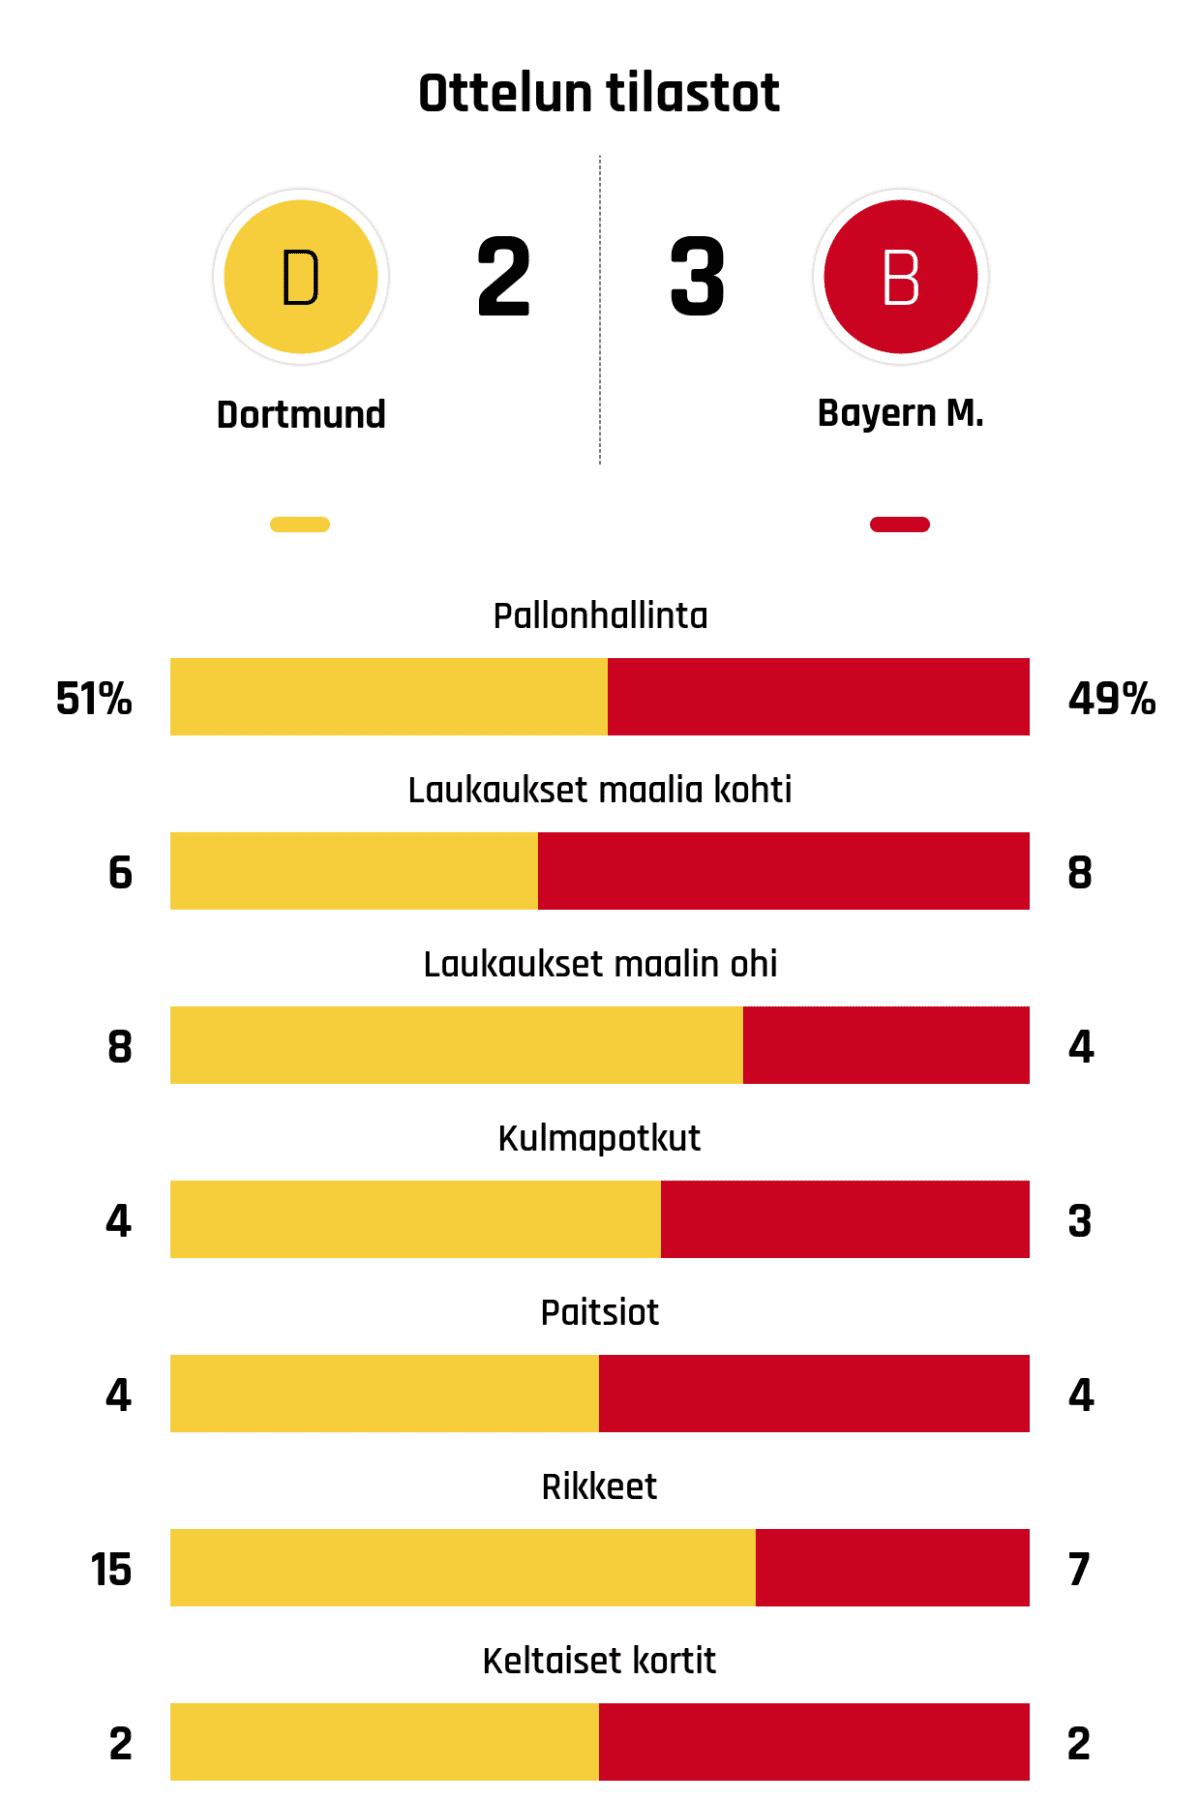 Pallonhallinta 51%-49% Laukaukset maalia kohti 6-8 Laukaukset maalin ohi 8-4 Kulmapotkut 4-3 Paitsiot 4-4 Rikkeet 15-7 Keltaiset kortit 2-2